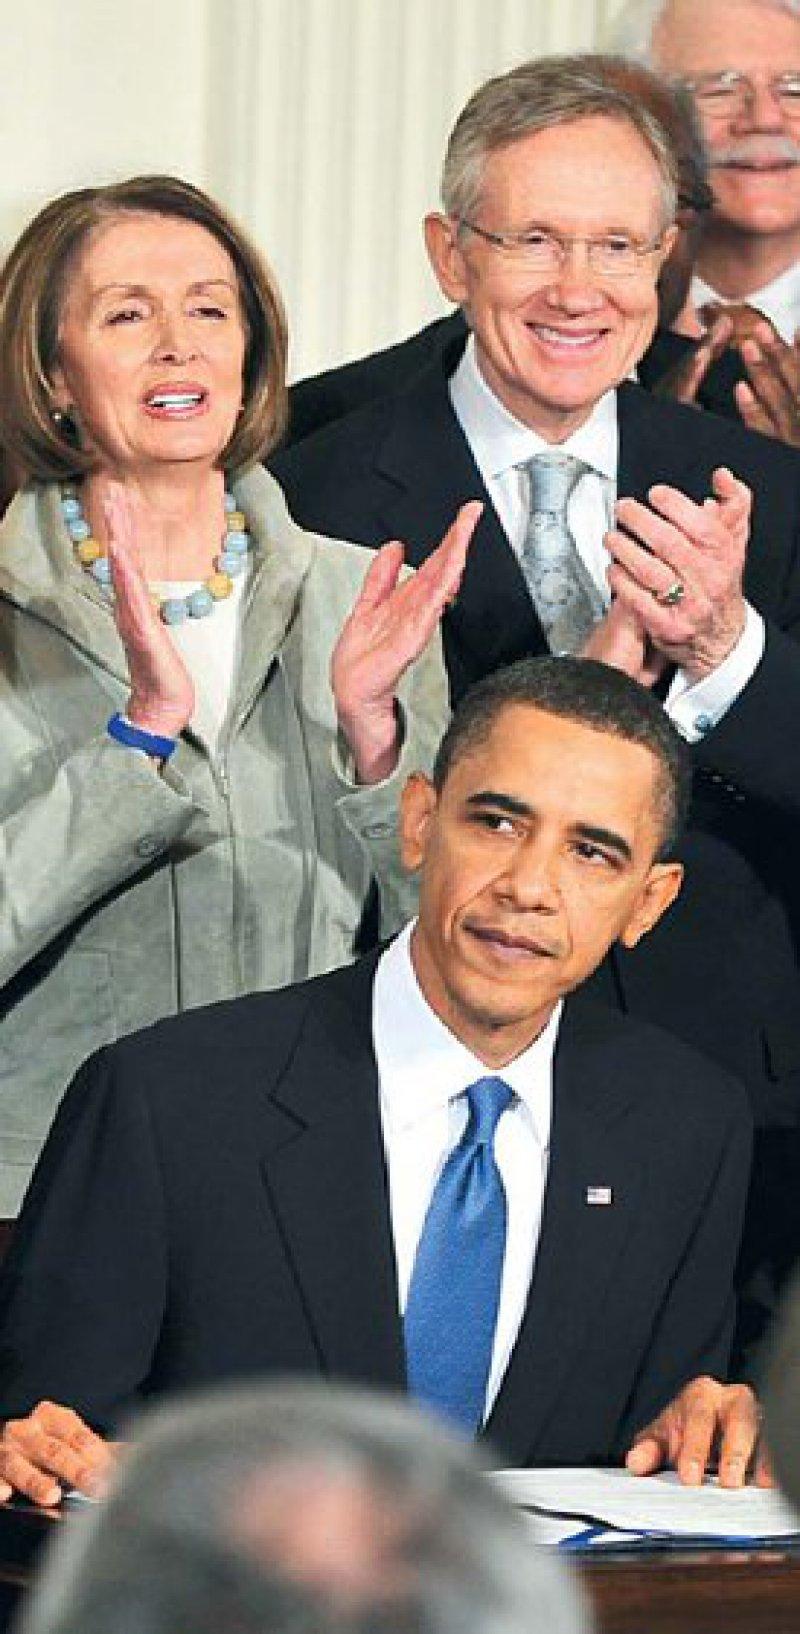 Historischer Akt: US-Präsident Barak Obama unterzeichnet am 23. März das Gesetz zur Gesundheitsreform. Er hat geschafft, woran viele seiner Vorgänger gescheitert sind. Foto: action press